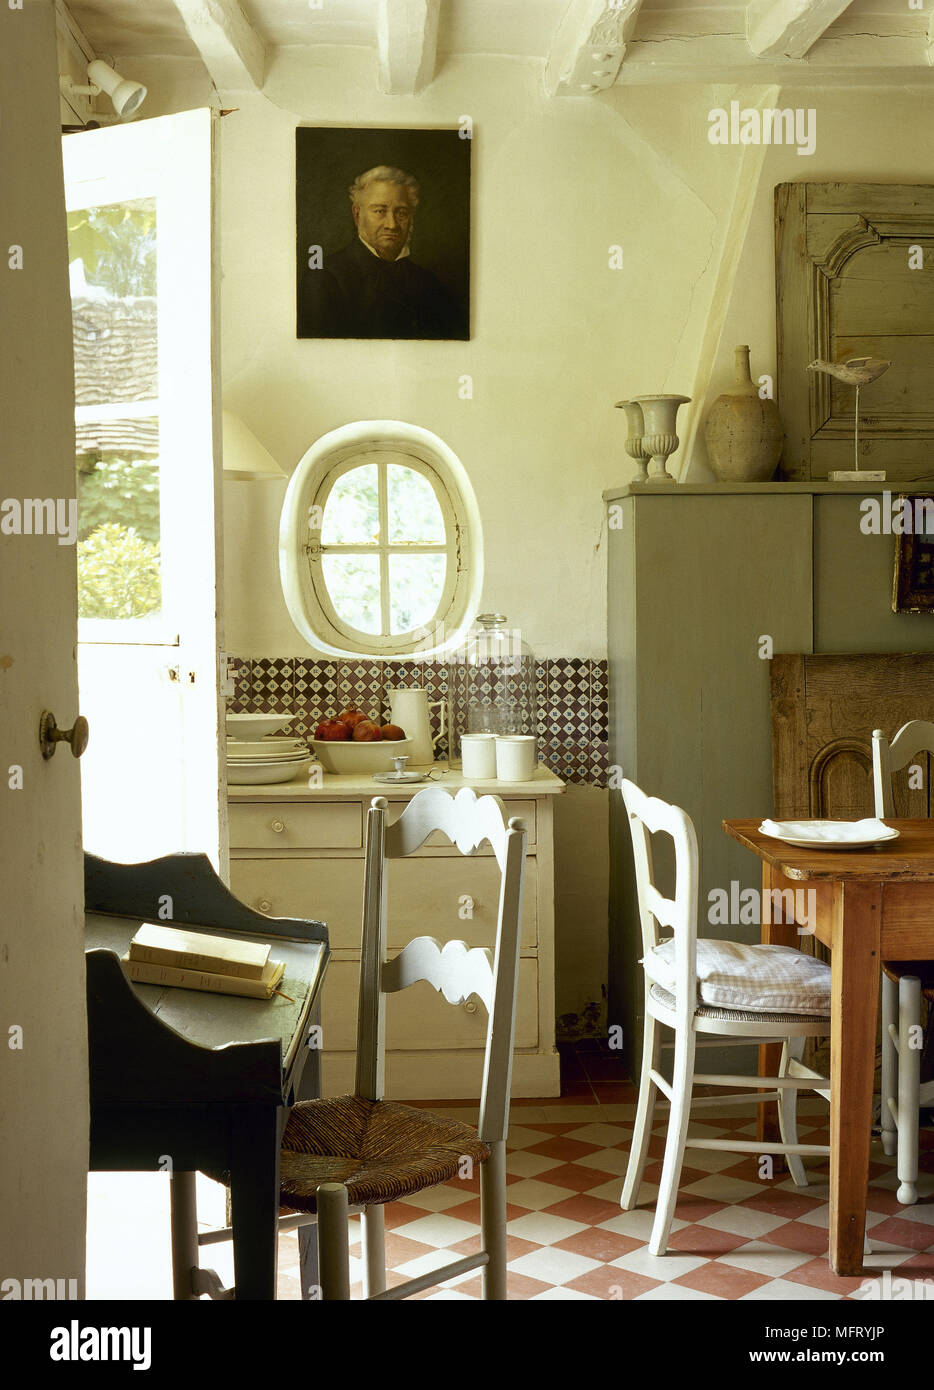 Ziemlich Landküche Esstische Fotos - Ideen Für Die Küche Dekoration ...